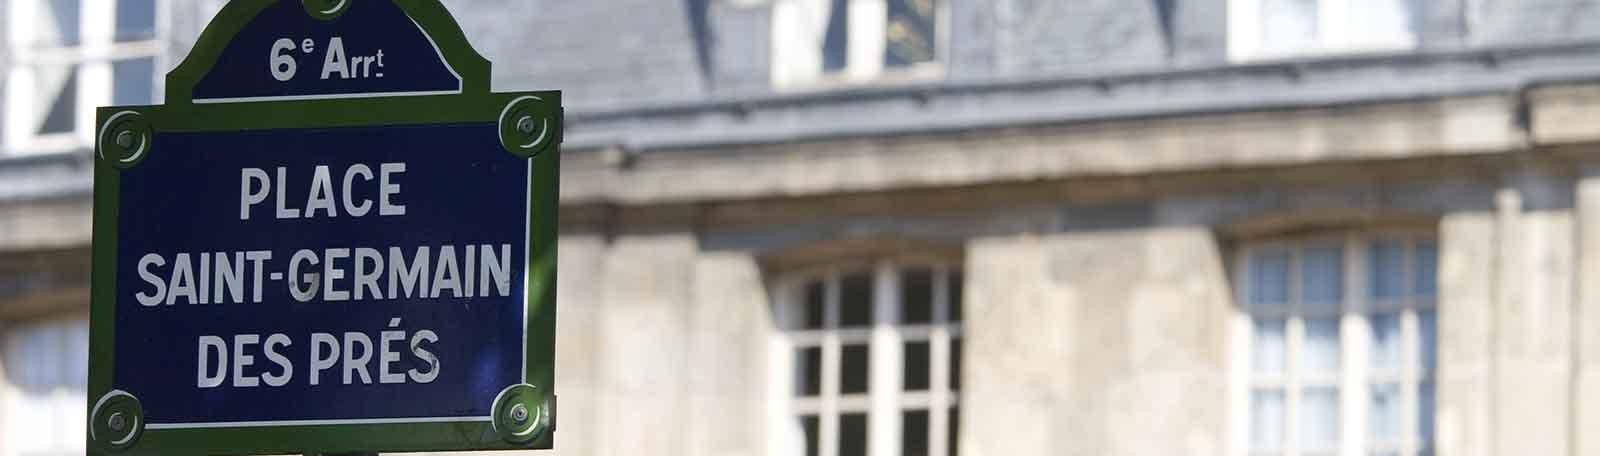 Parkeren Parijs Saint-Germain-des-Prés